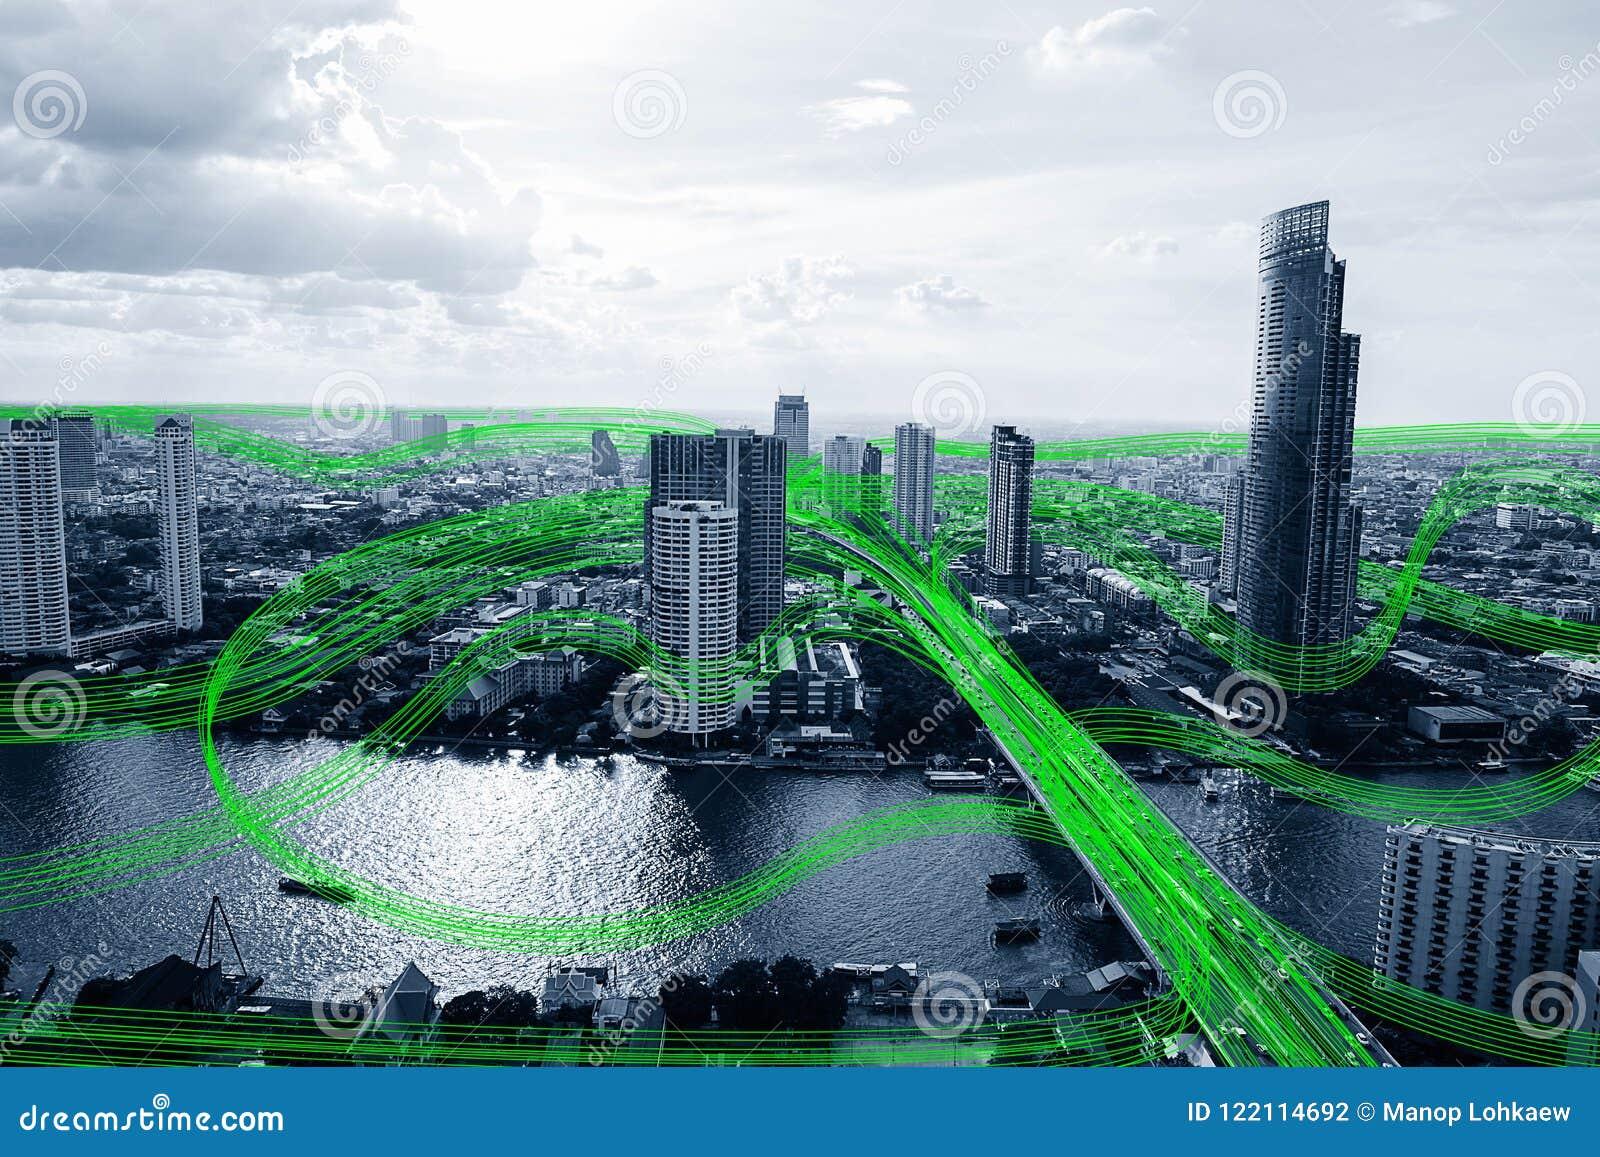 Ciudad elegante blanco y negro con la red de flujo de comunicación de datos